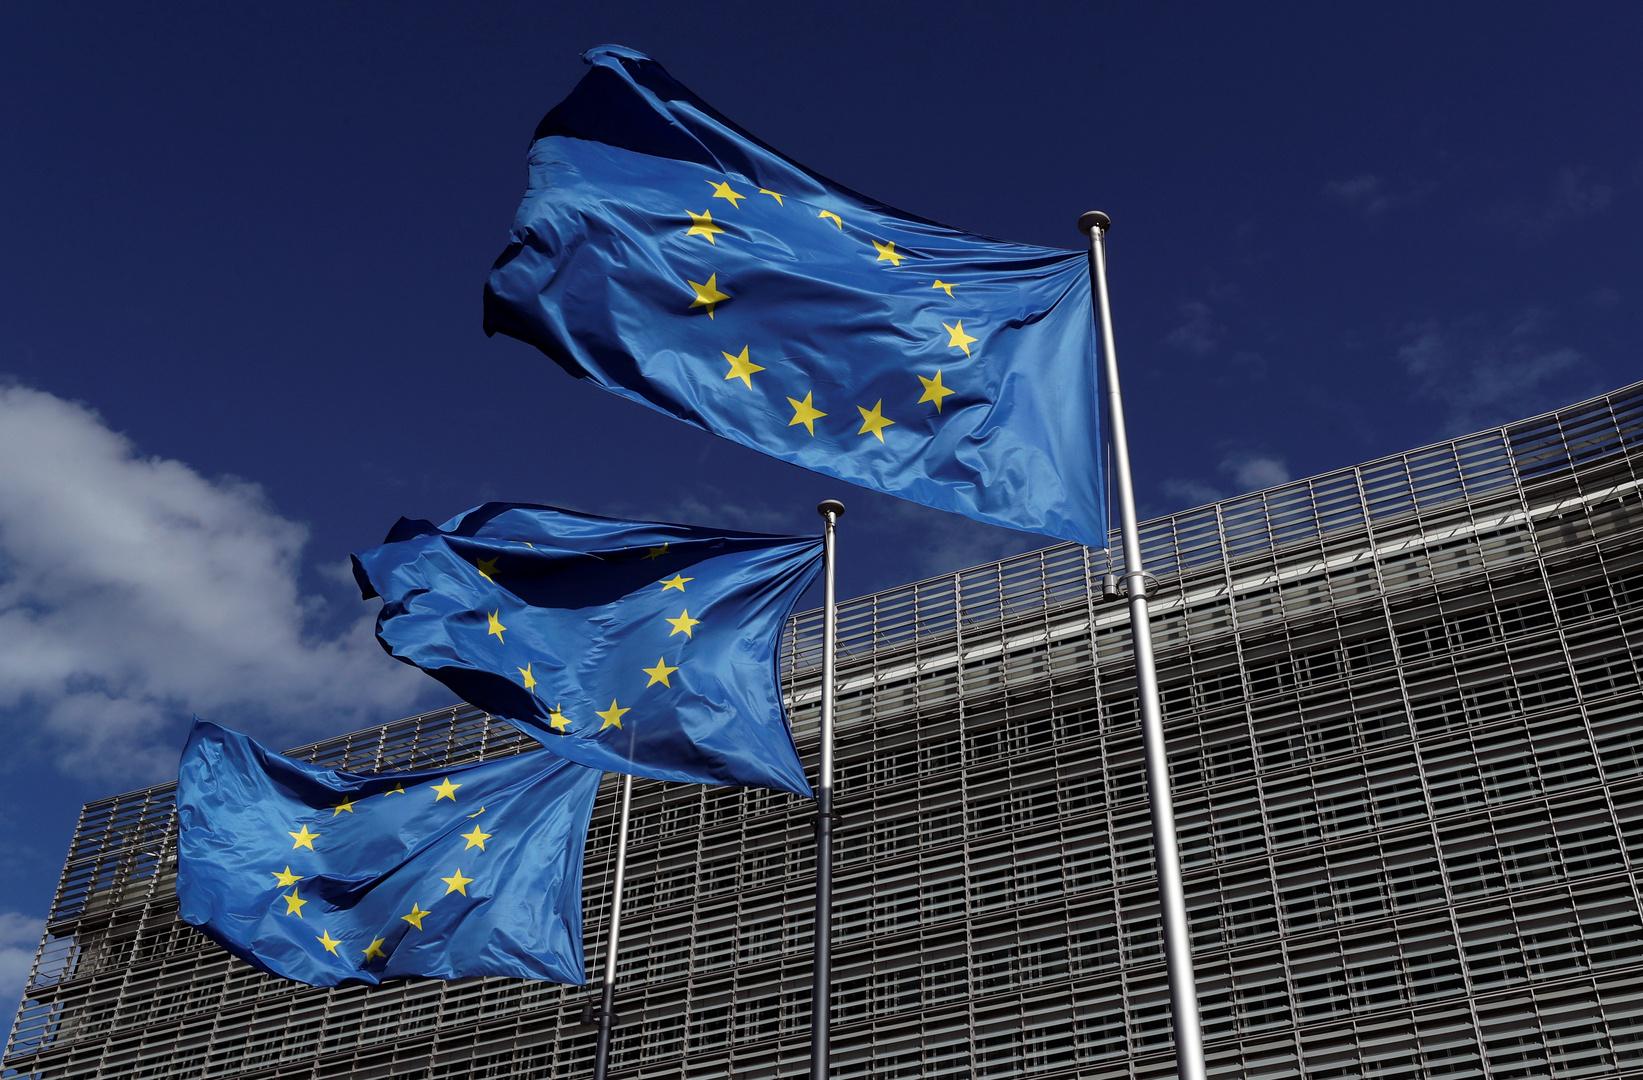 الاتحاد الأوروبي يصرف الدفعة الأولى من برنامج المساعدة المالية للأردن